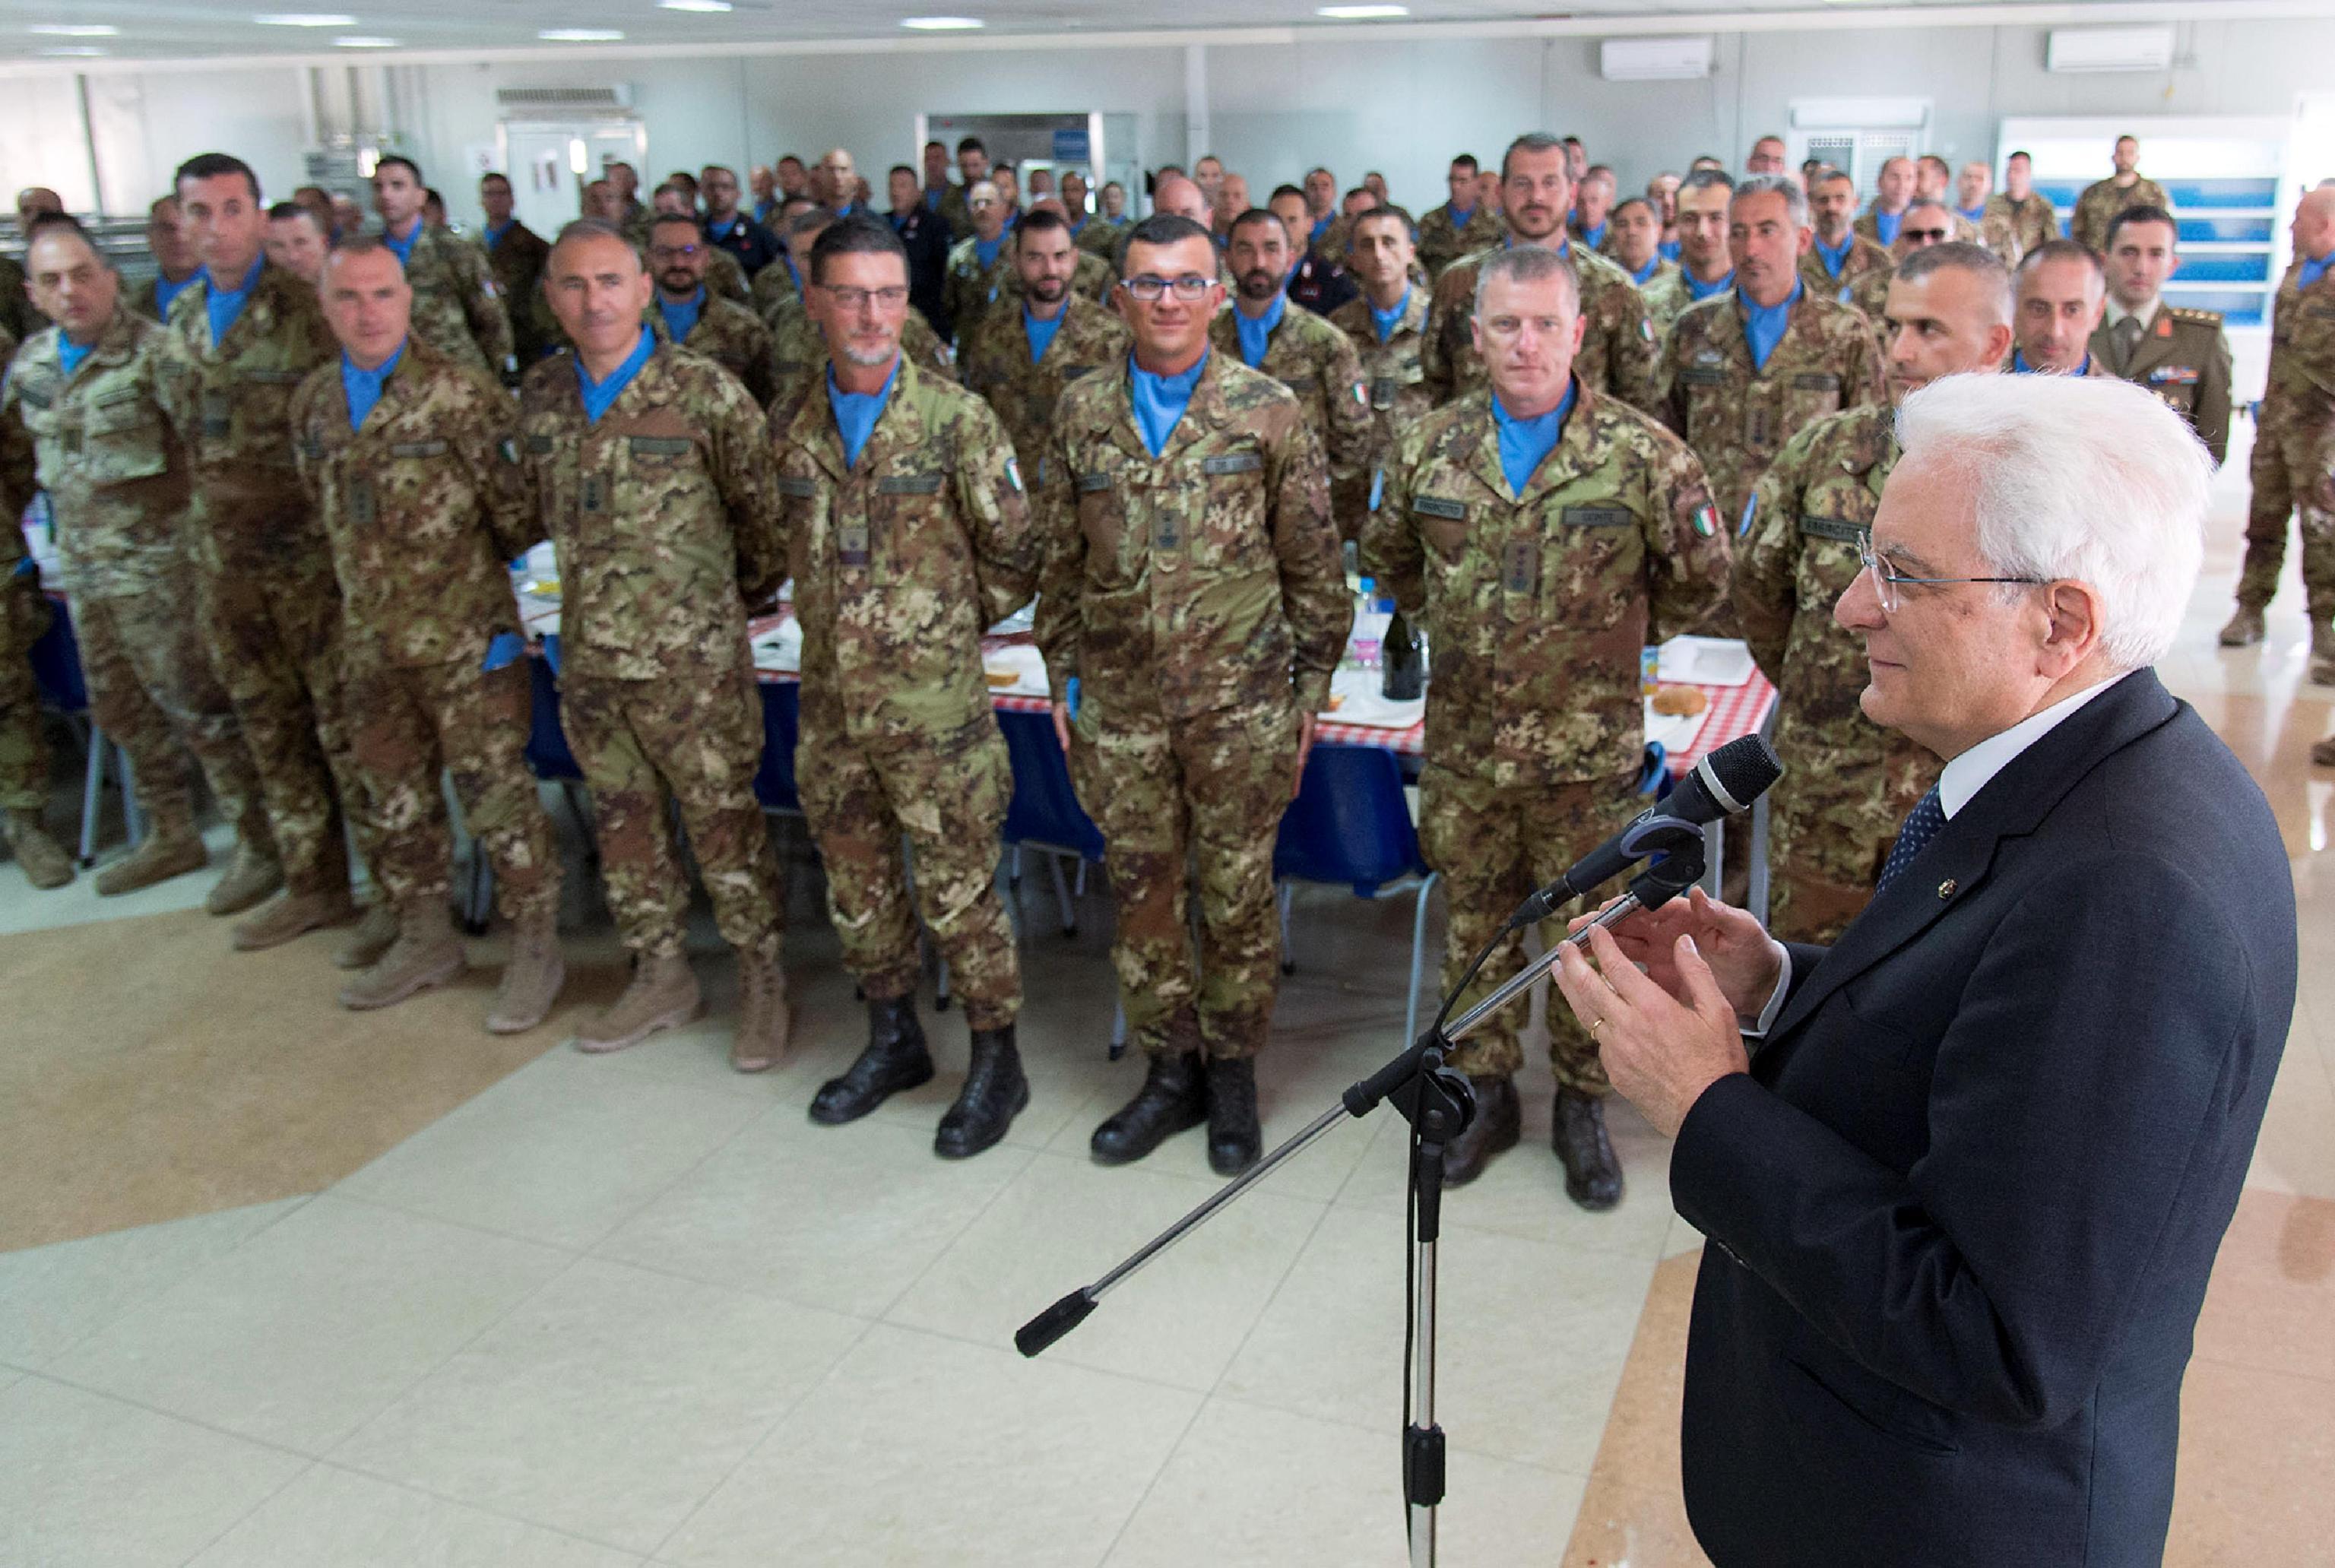 Esercito, requisiti fisici non più vincolanti: avremo soldati con la pancetta?